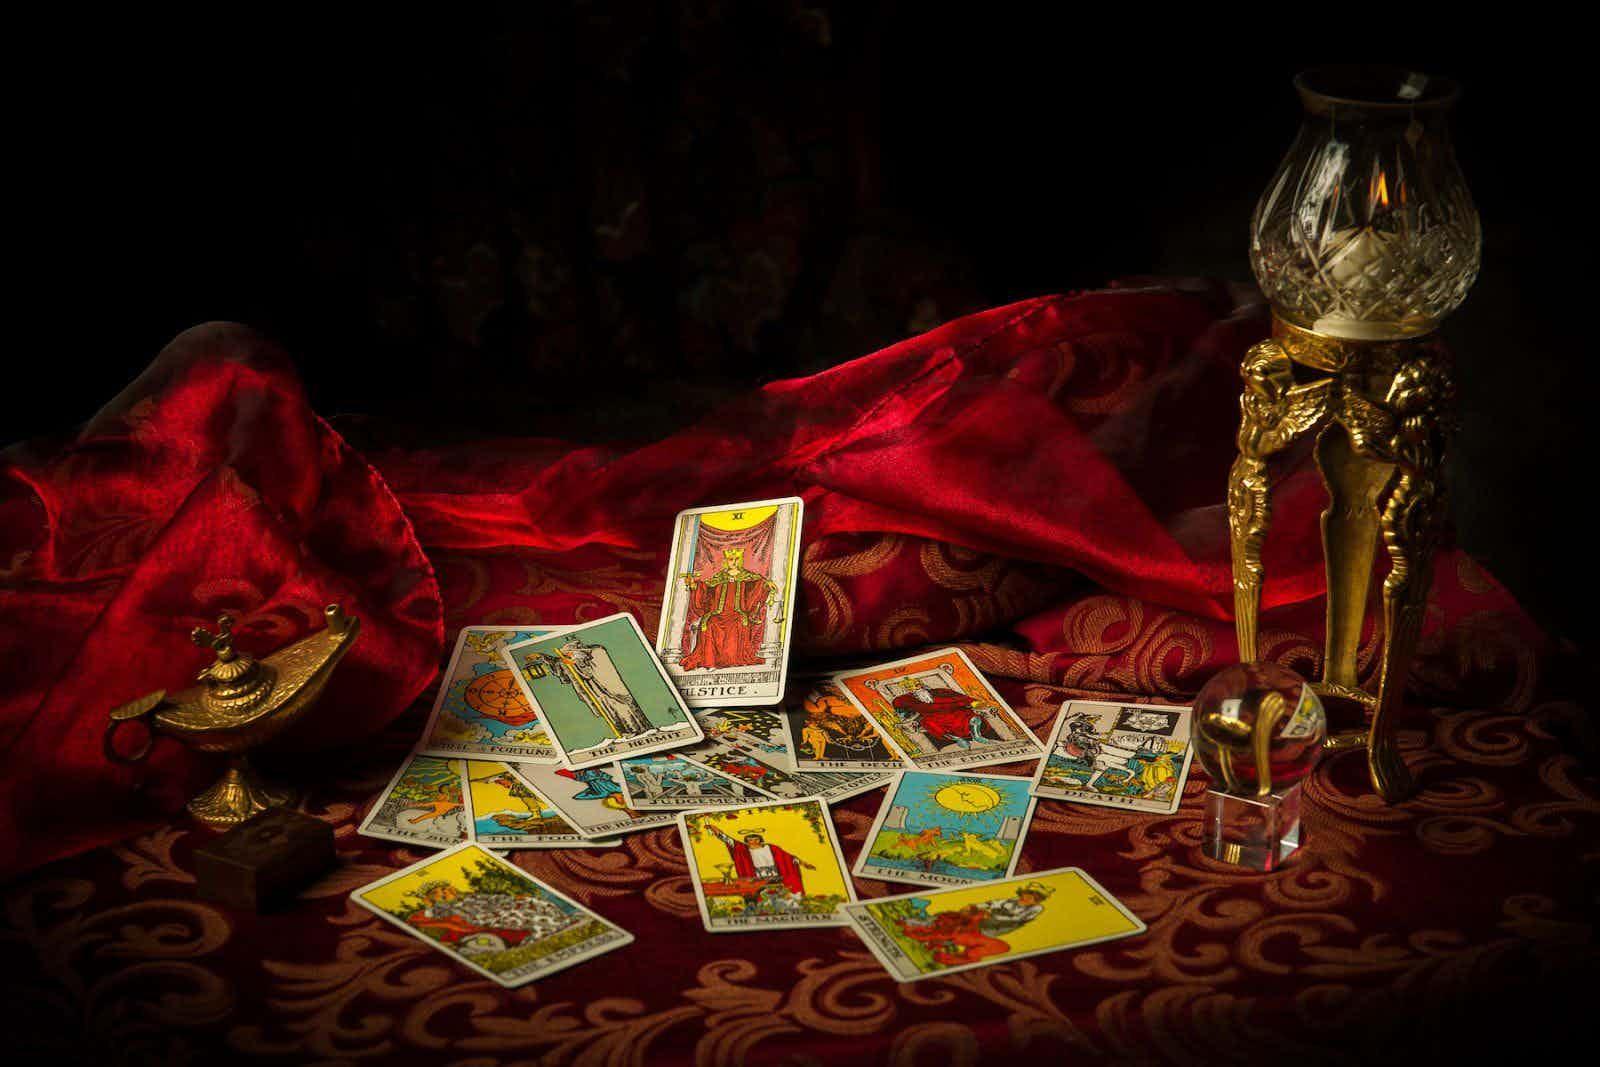 tarot-waarzegster-kaarten-boeken-braderie-kerstmarkt-feest.jpg